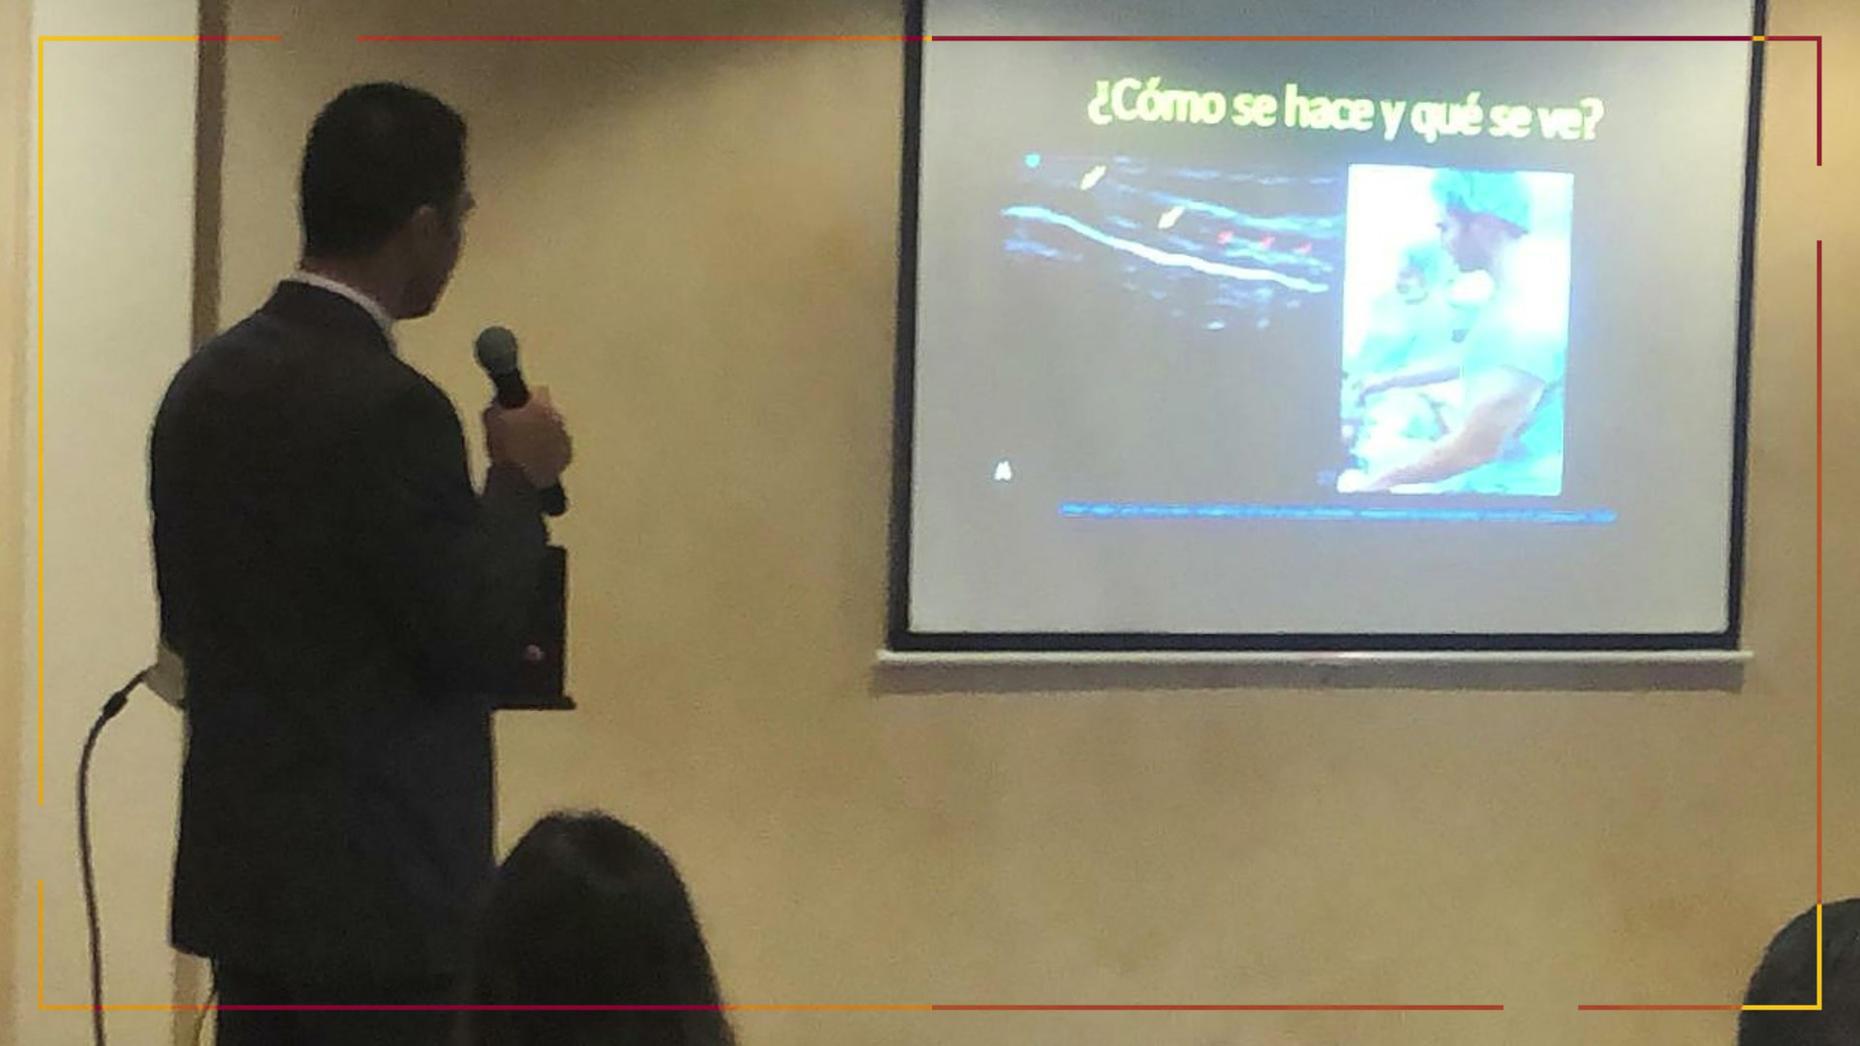 XXIII Congreso panameño de anestesiología